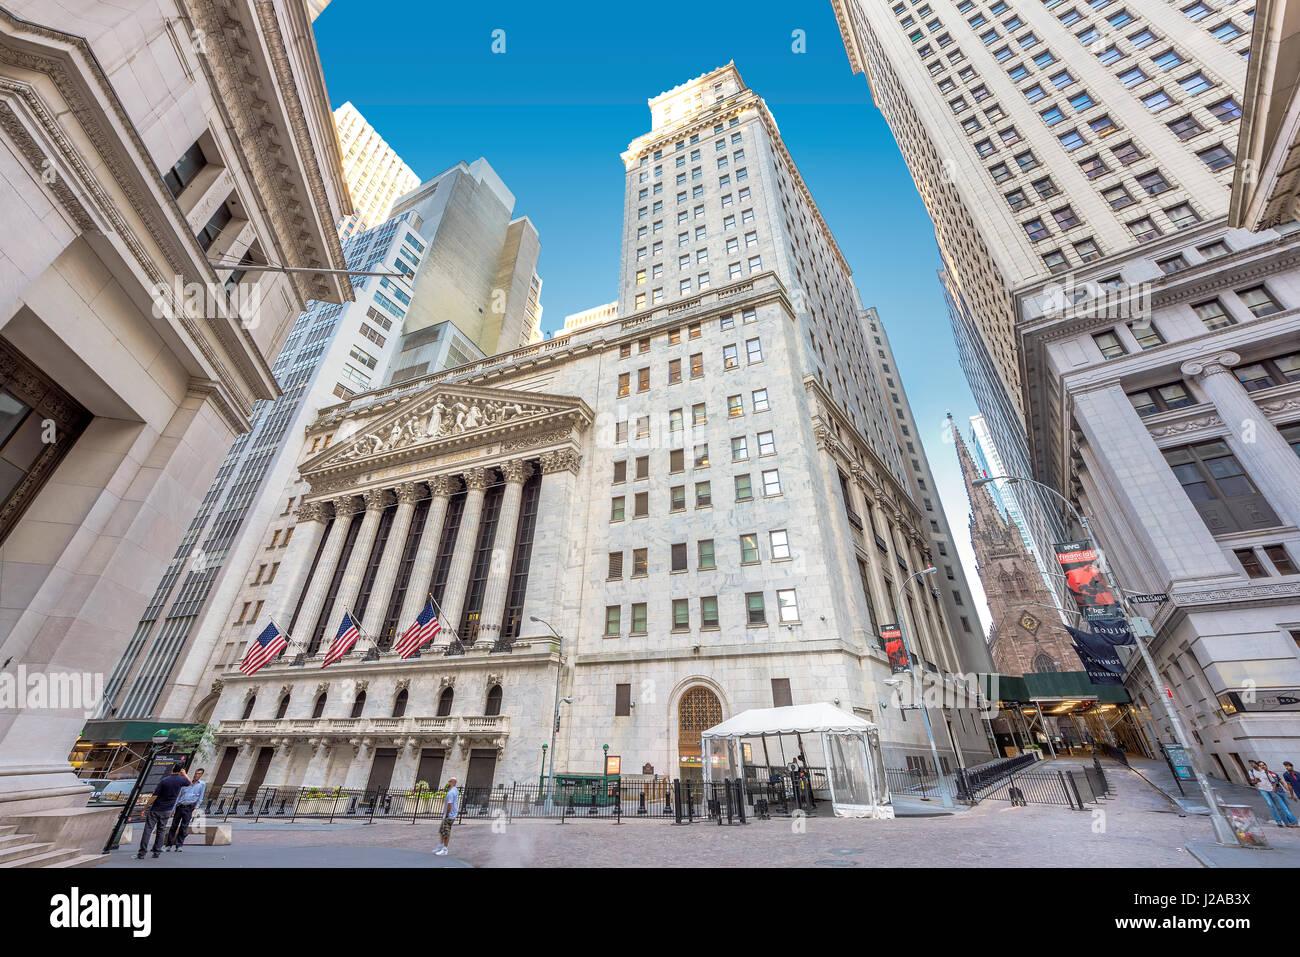 Une vue de Wall Street et New York Stock Exchange sur une journée ensoleillée à New York, USA Photo Stock